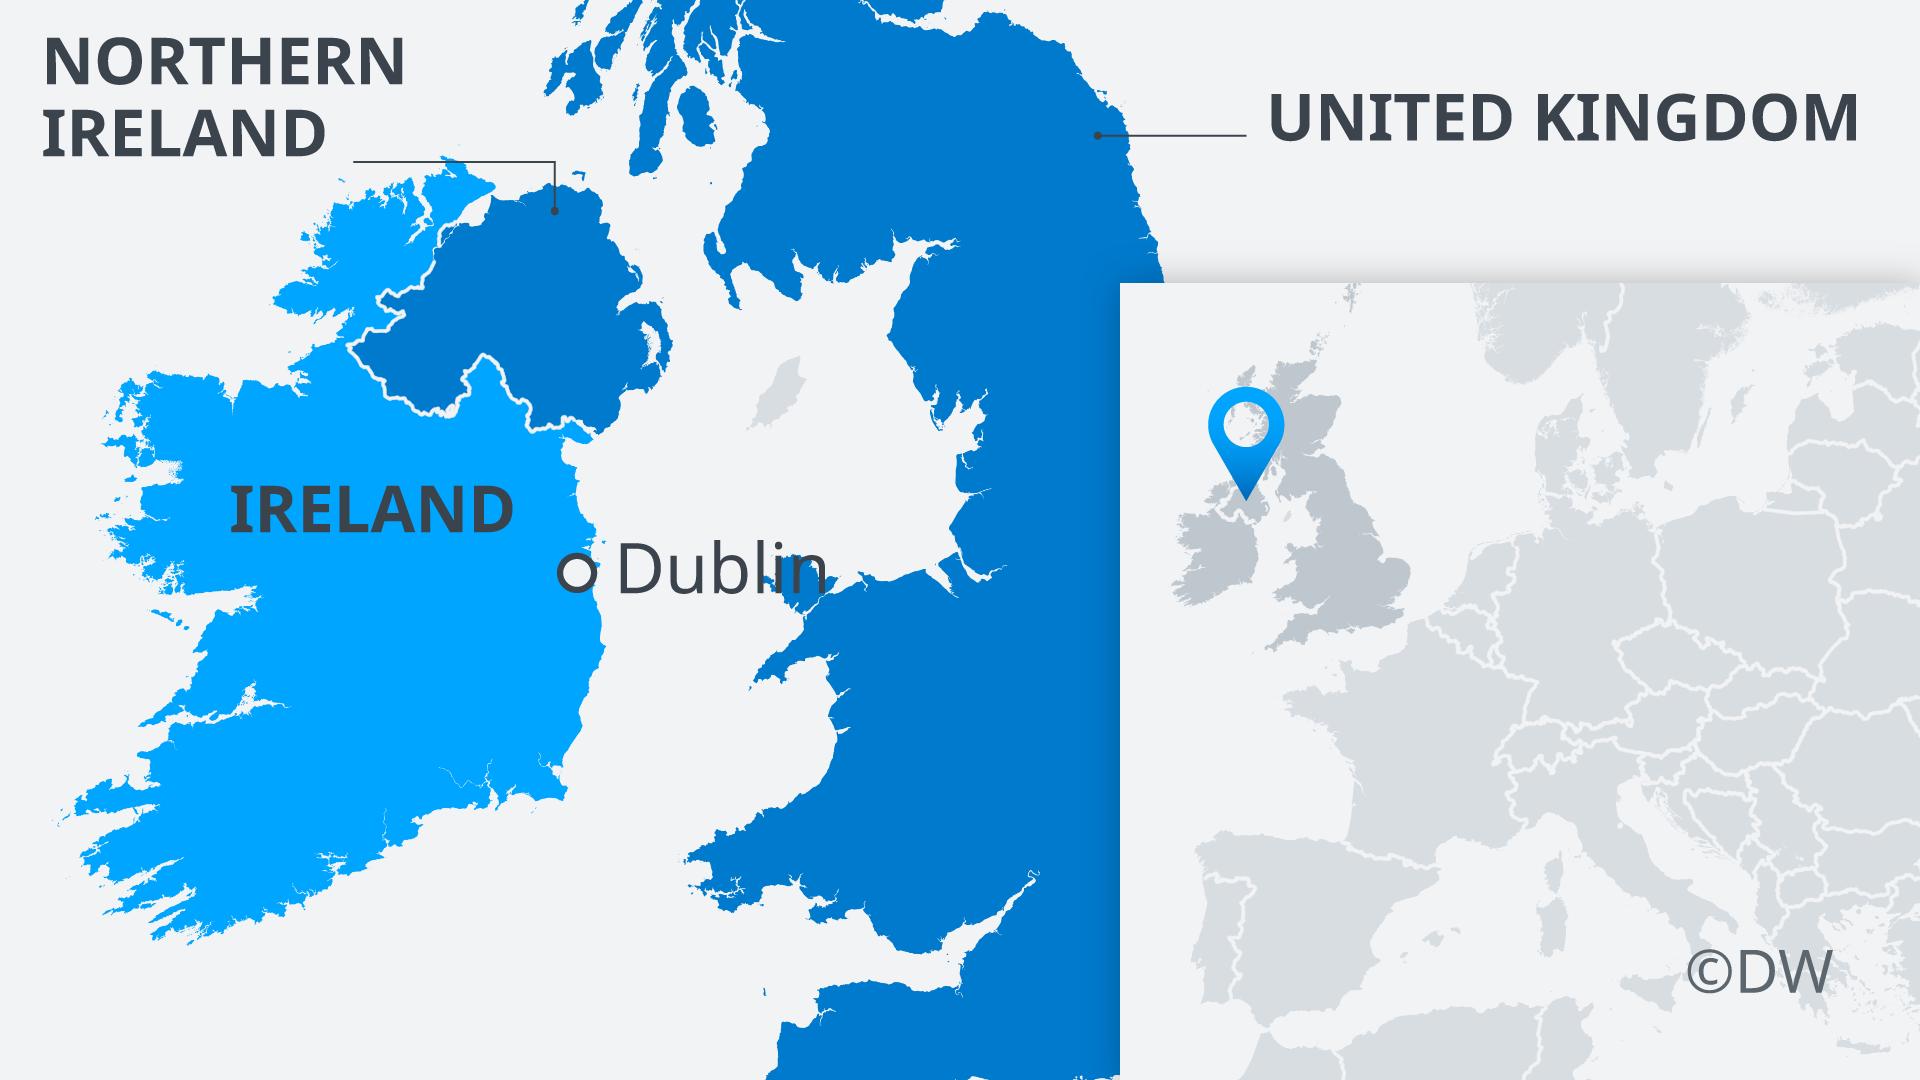 Karte von Irland und Nordirland